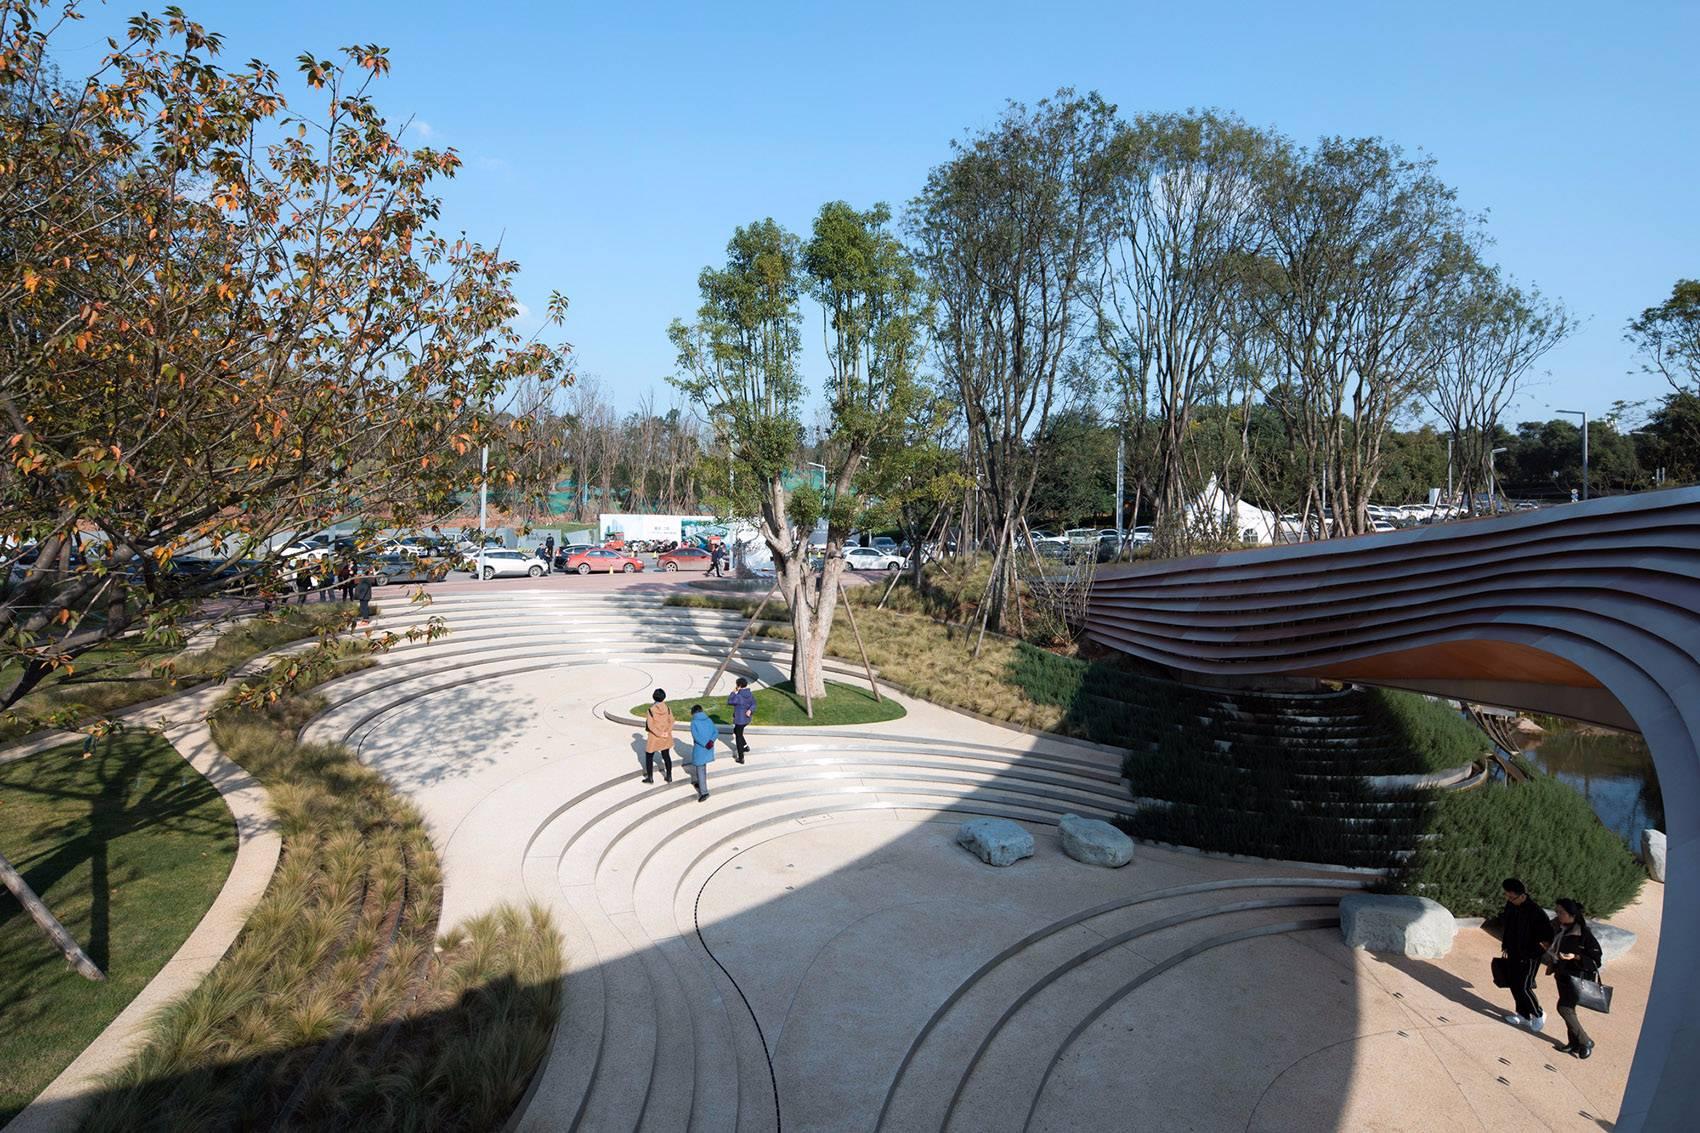 成都麓湖生态城G1艺展公园景观设计|GVL怡境新景色广告设计图片